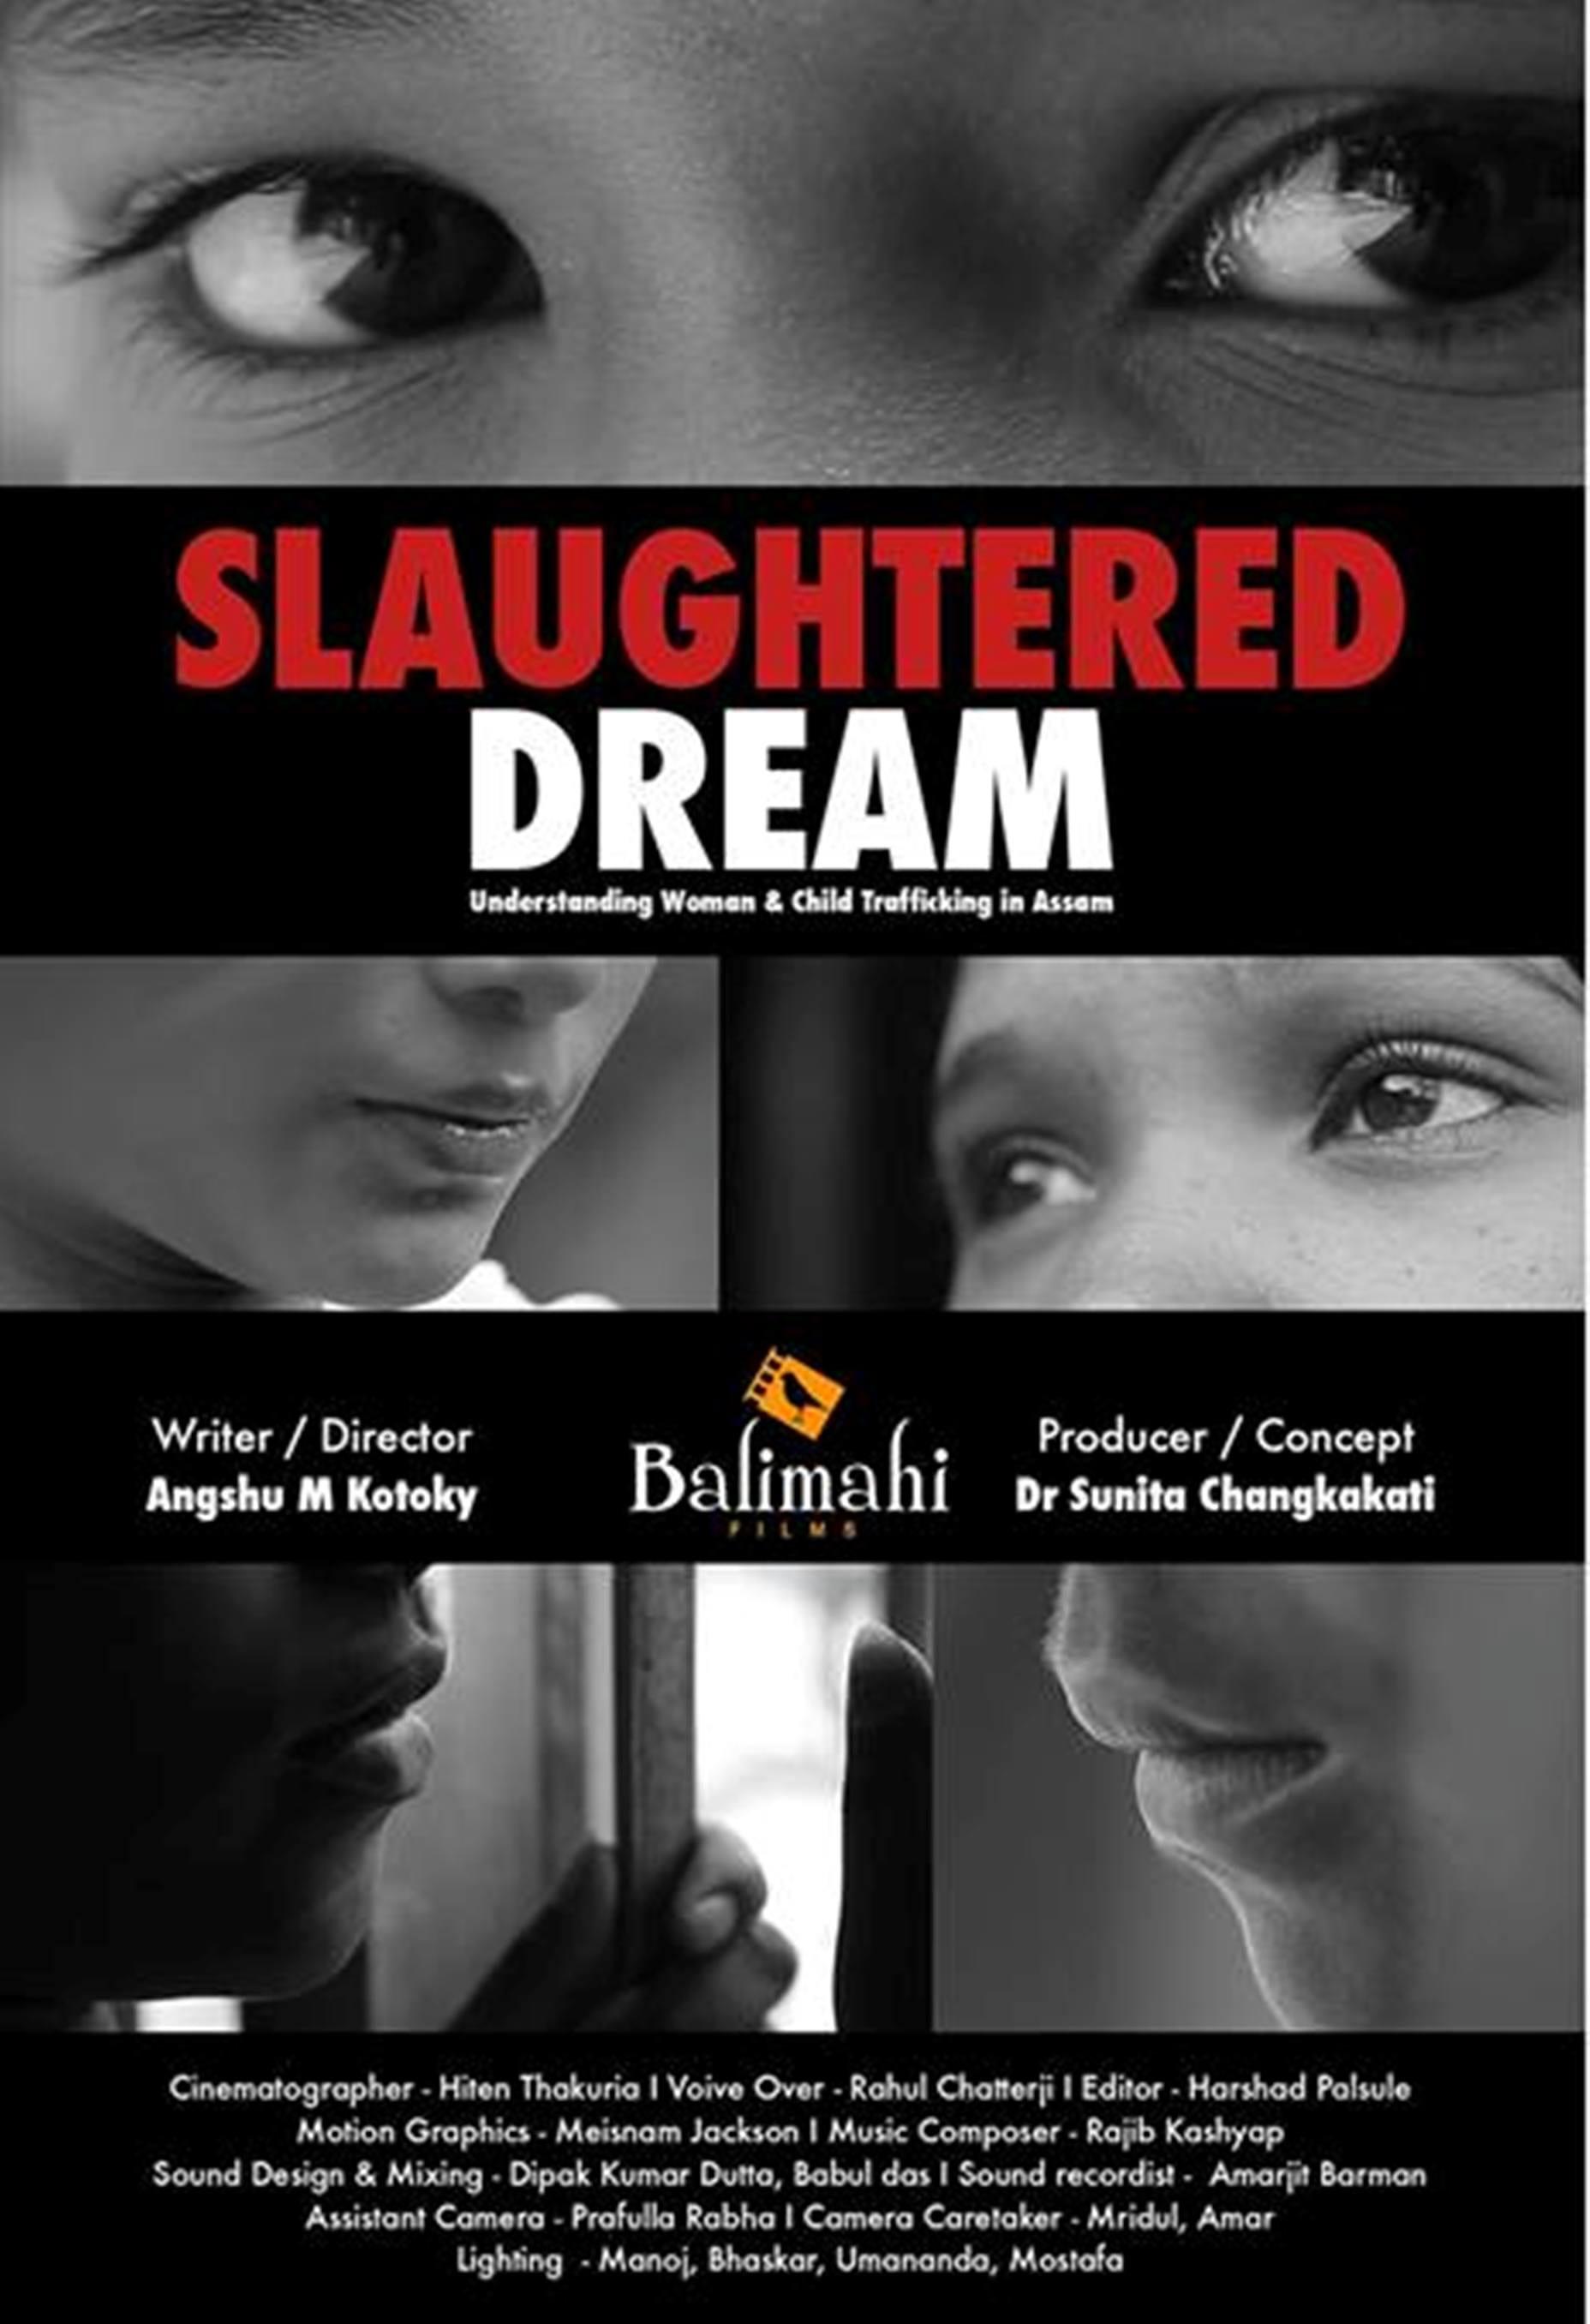 Angshu M Kakatis Socially Relevant Documentary Slaughtered Dream